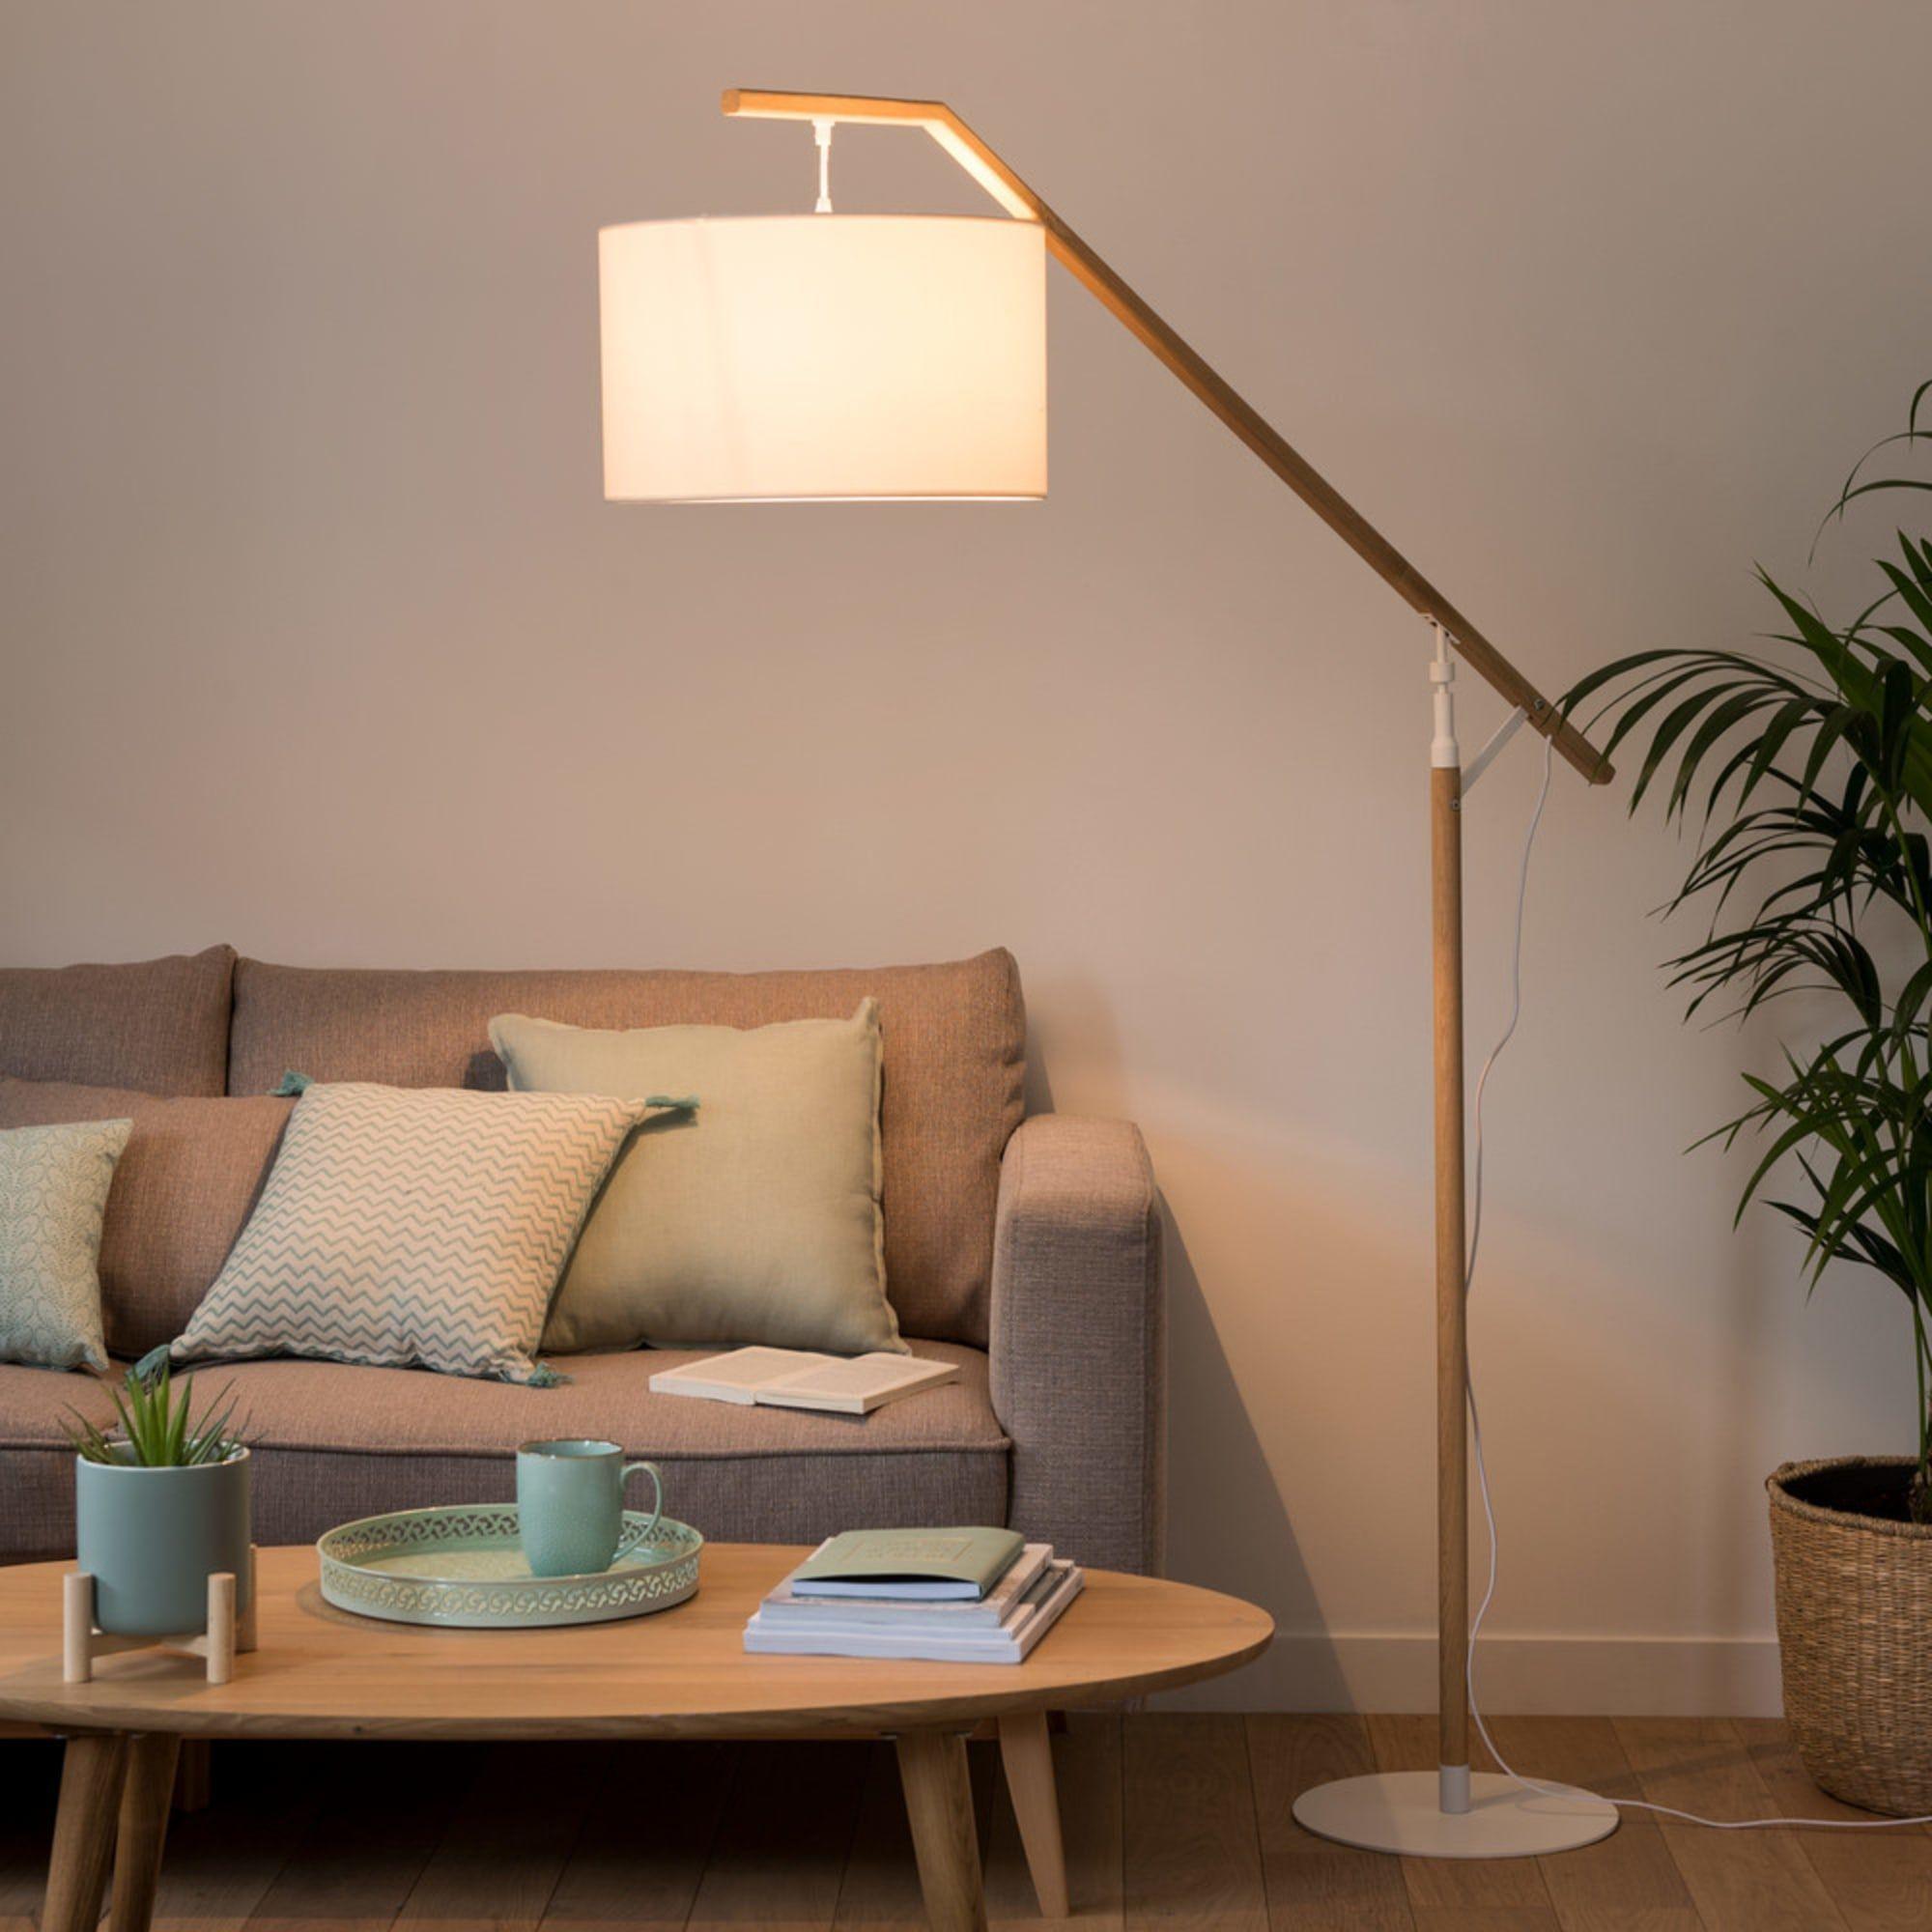 Stehlampe Aus Eichenholz Mit Weissem Lampenschirm H182 Stehlampe